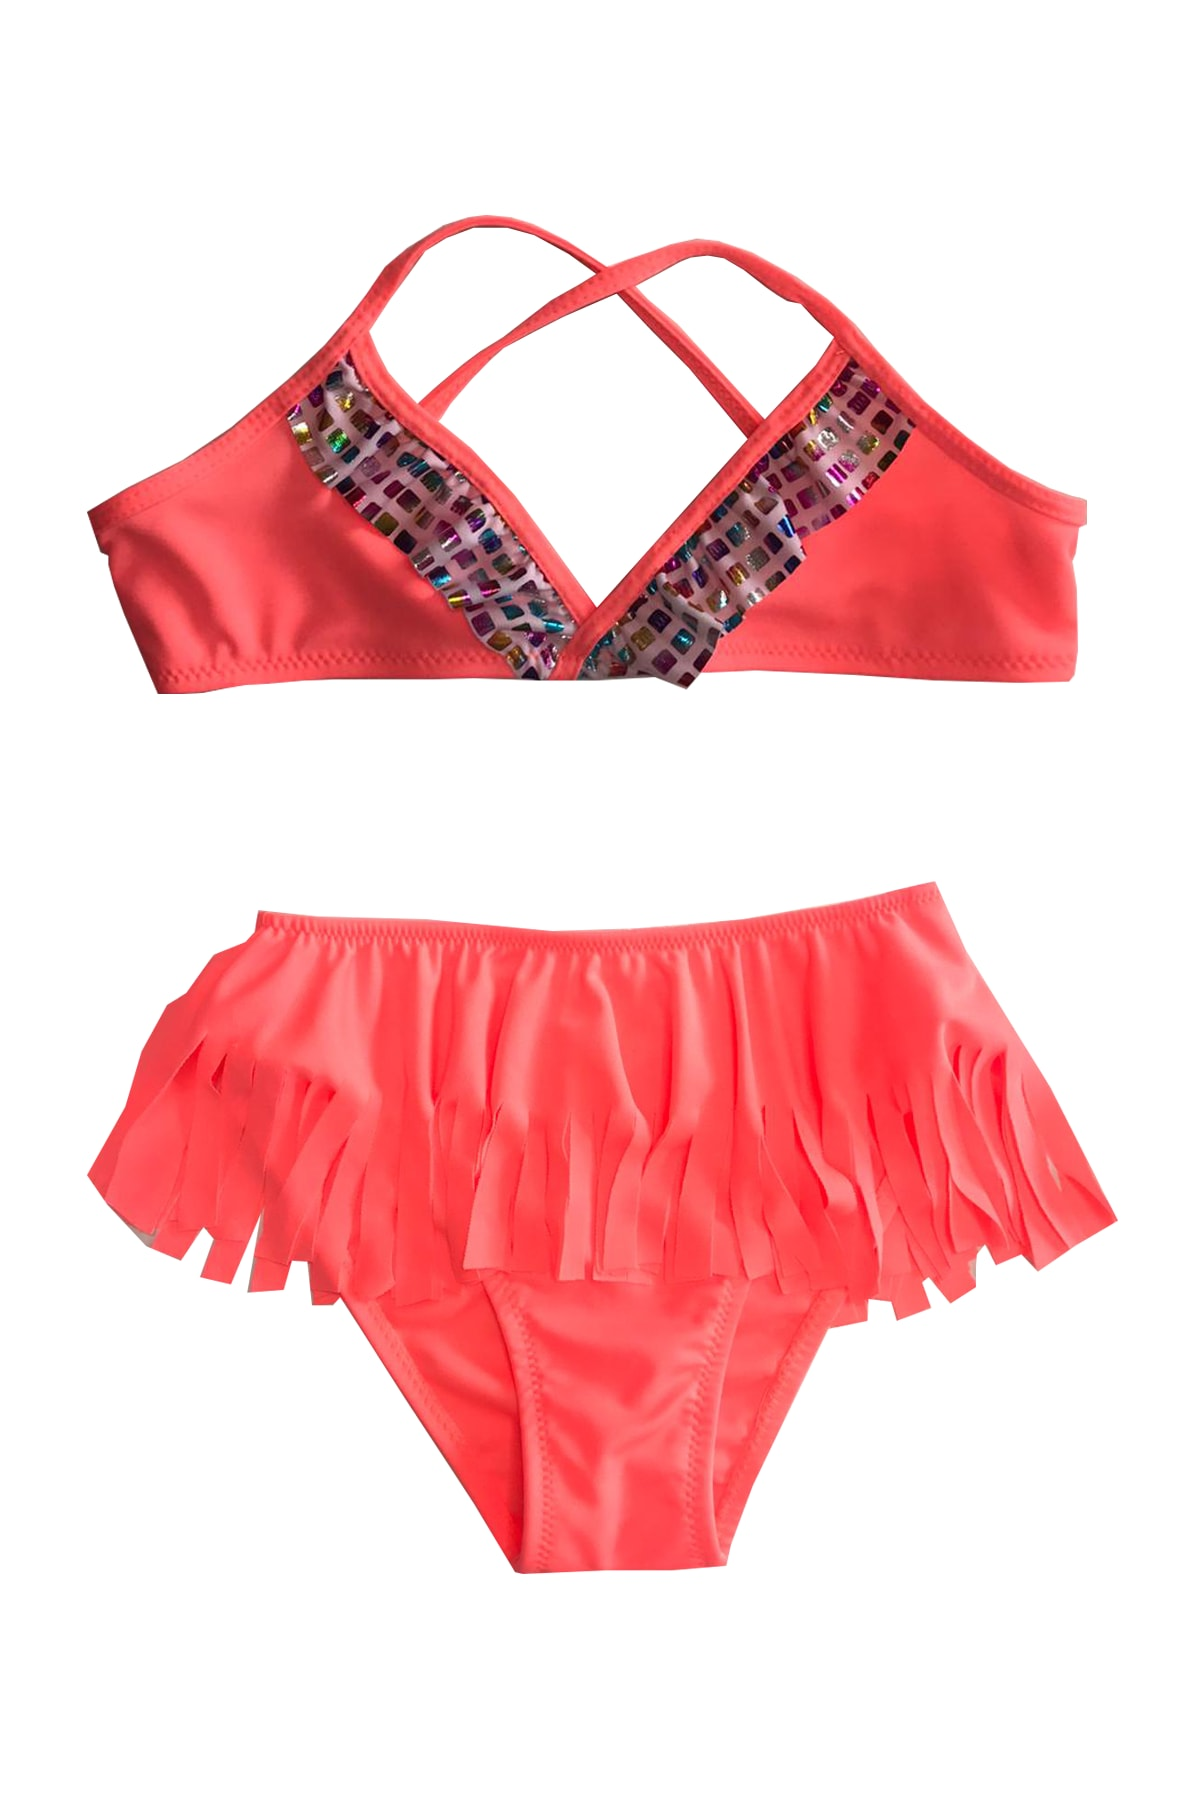 Kız Çocuk Mayo, Bikini, Pareo Modelleri